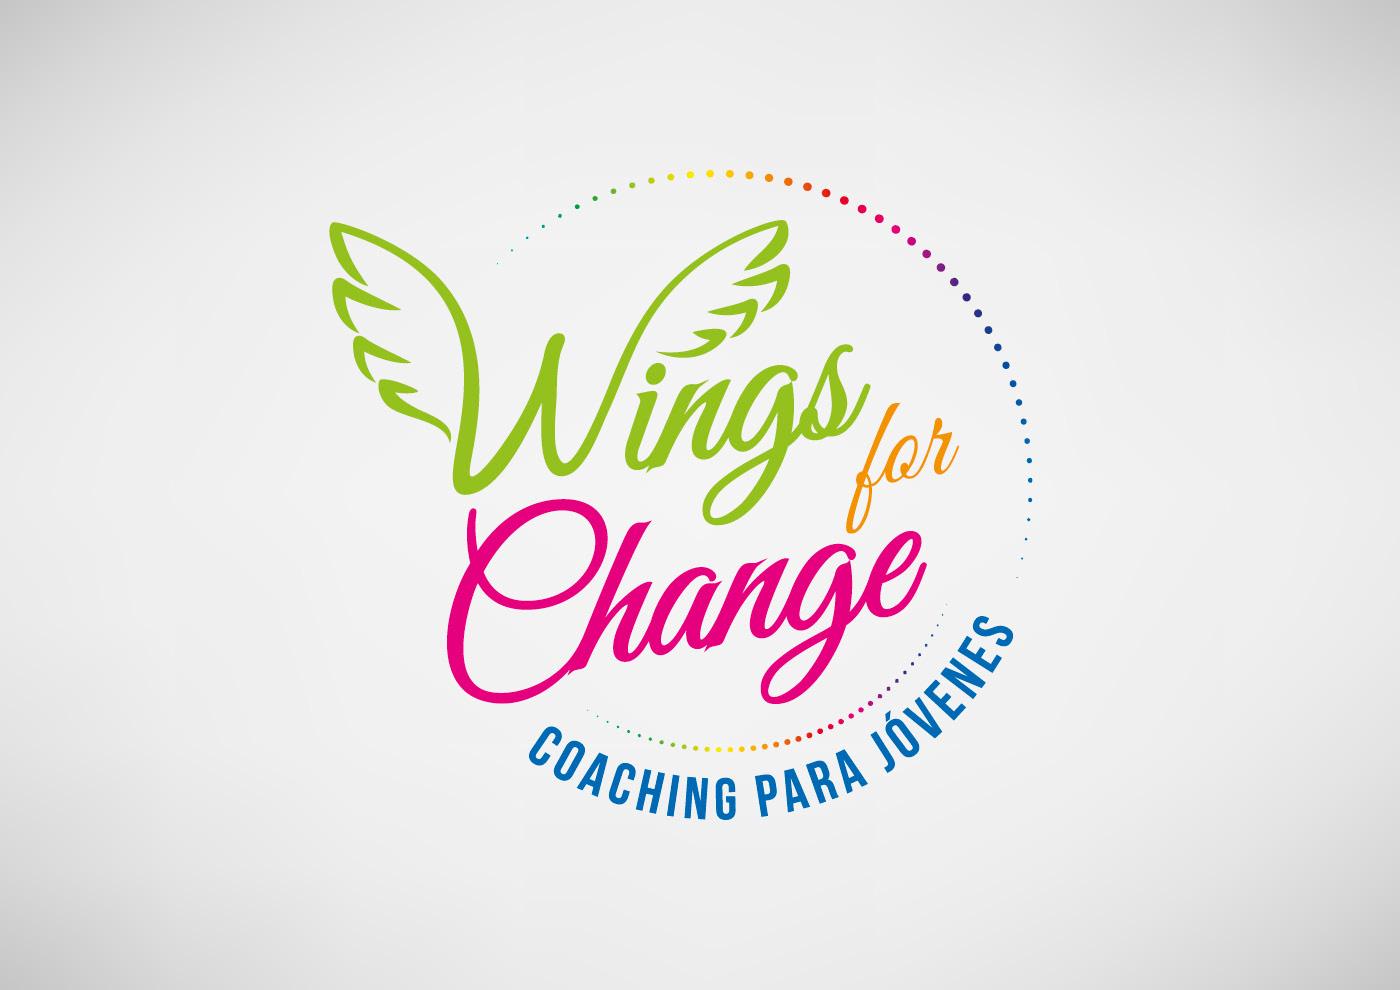 Wings for Change - Imagen corporativa - Diseño de marca - Ivan Diez